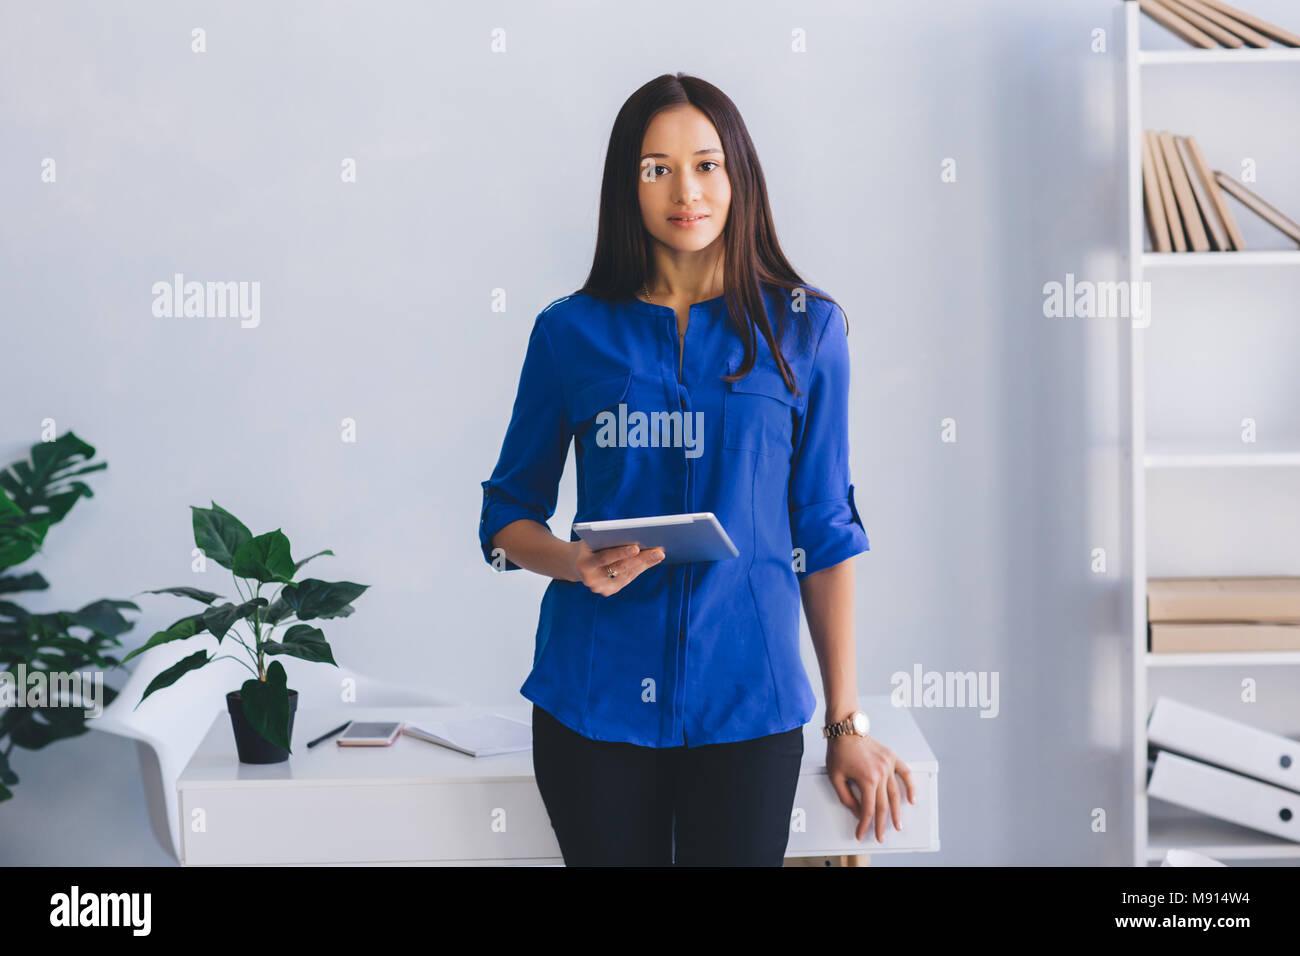 Attraente e moderna donna con tavoletta digitale Immagini Stock